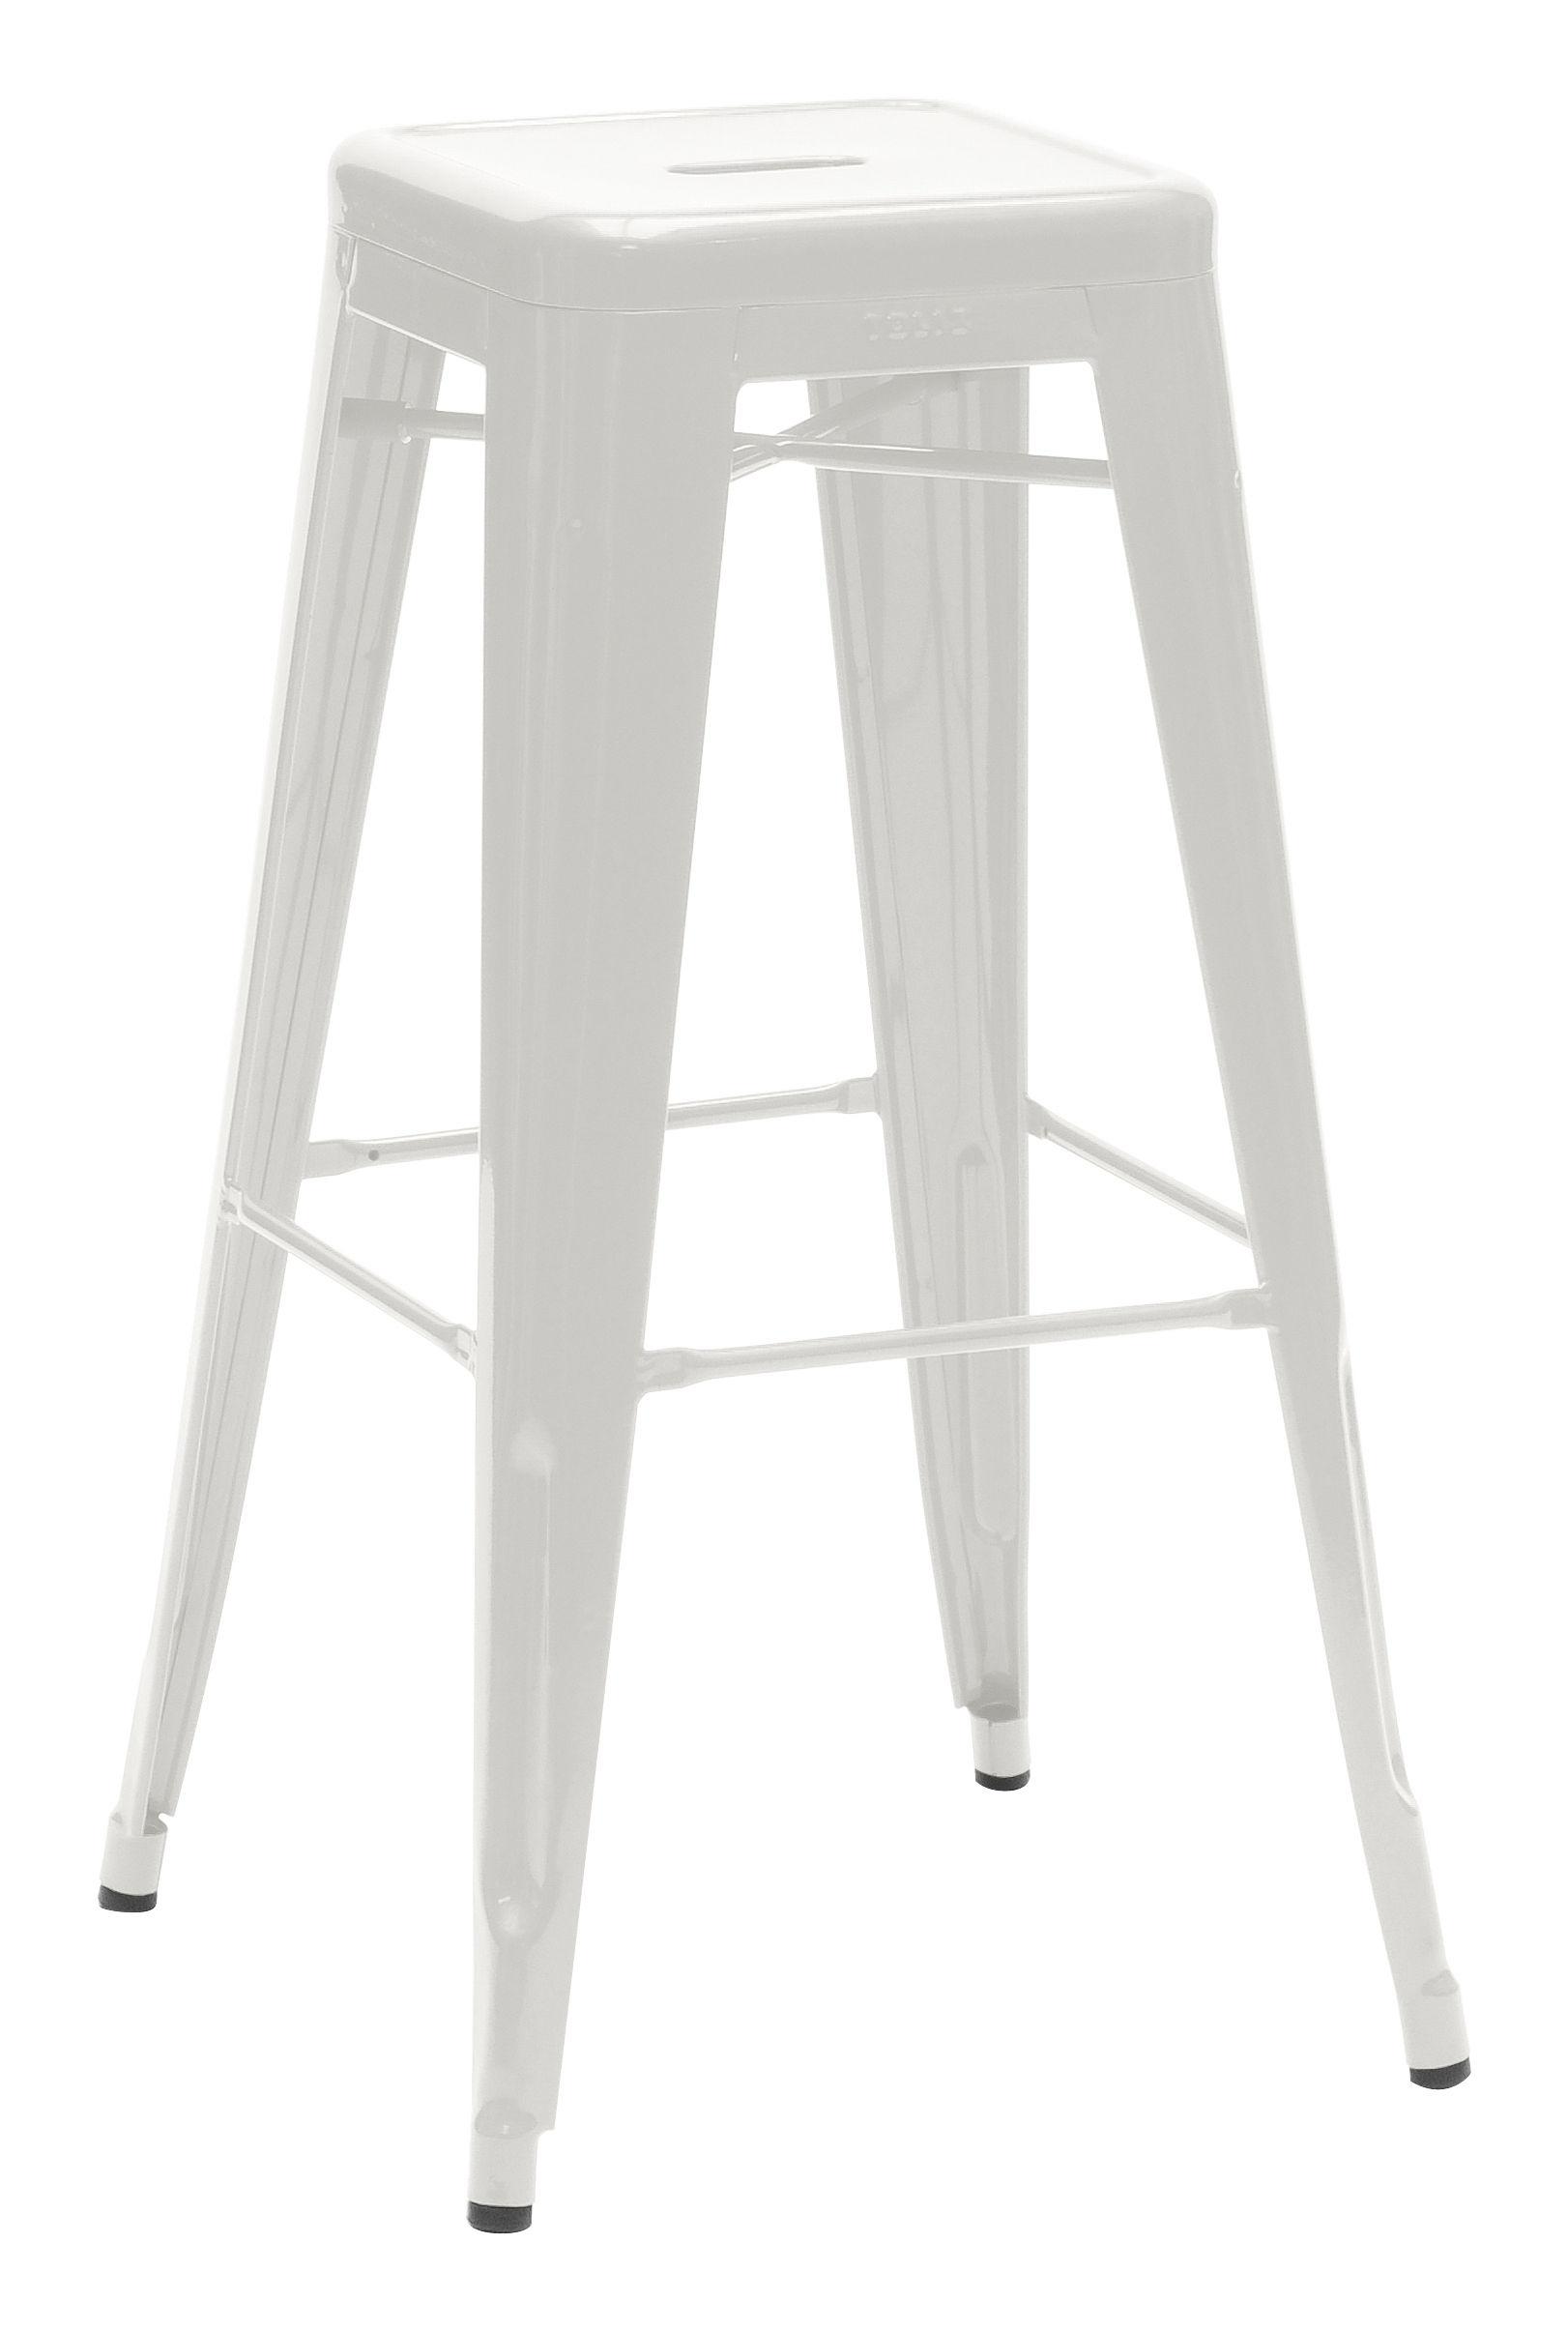 tabouret de bar h h 75 cm couleur mate le corbusier gris clair 31 tolix. Black Bedroom Furniture Sets. Home Design Ideas